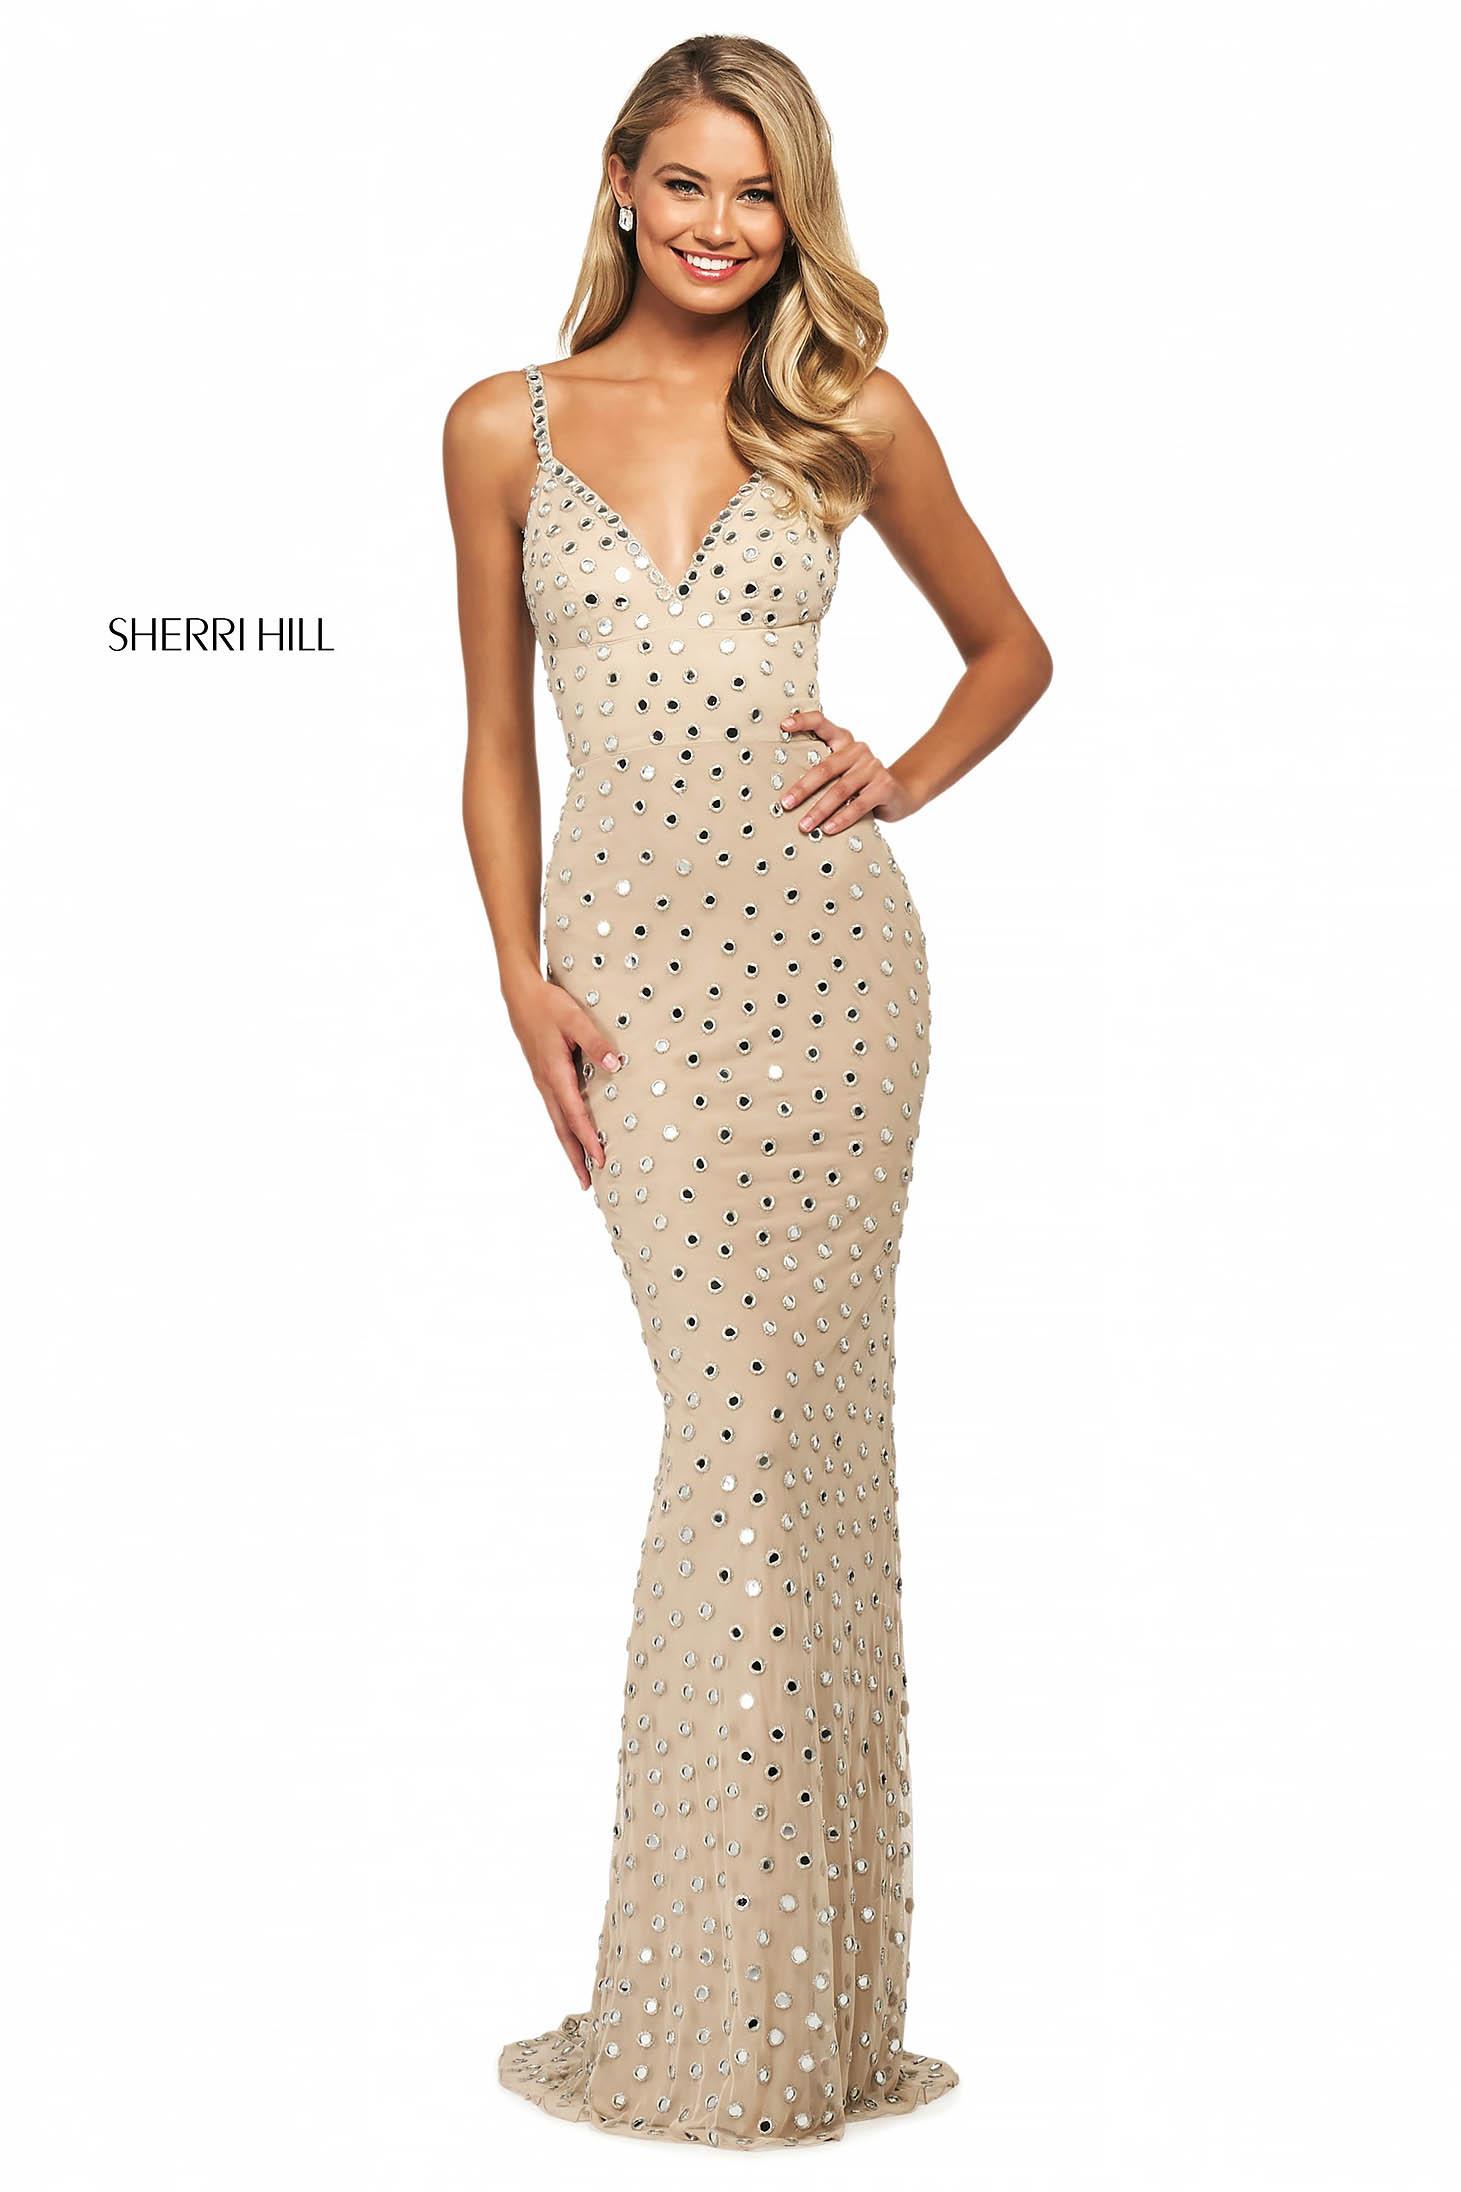 Rochie Sherri Hill 53813 nude/silver